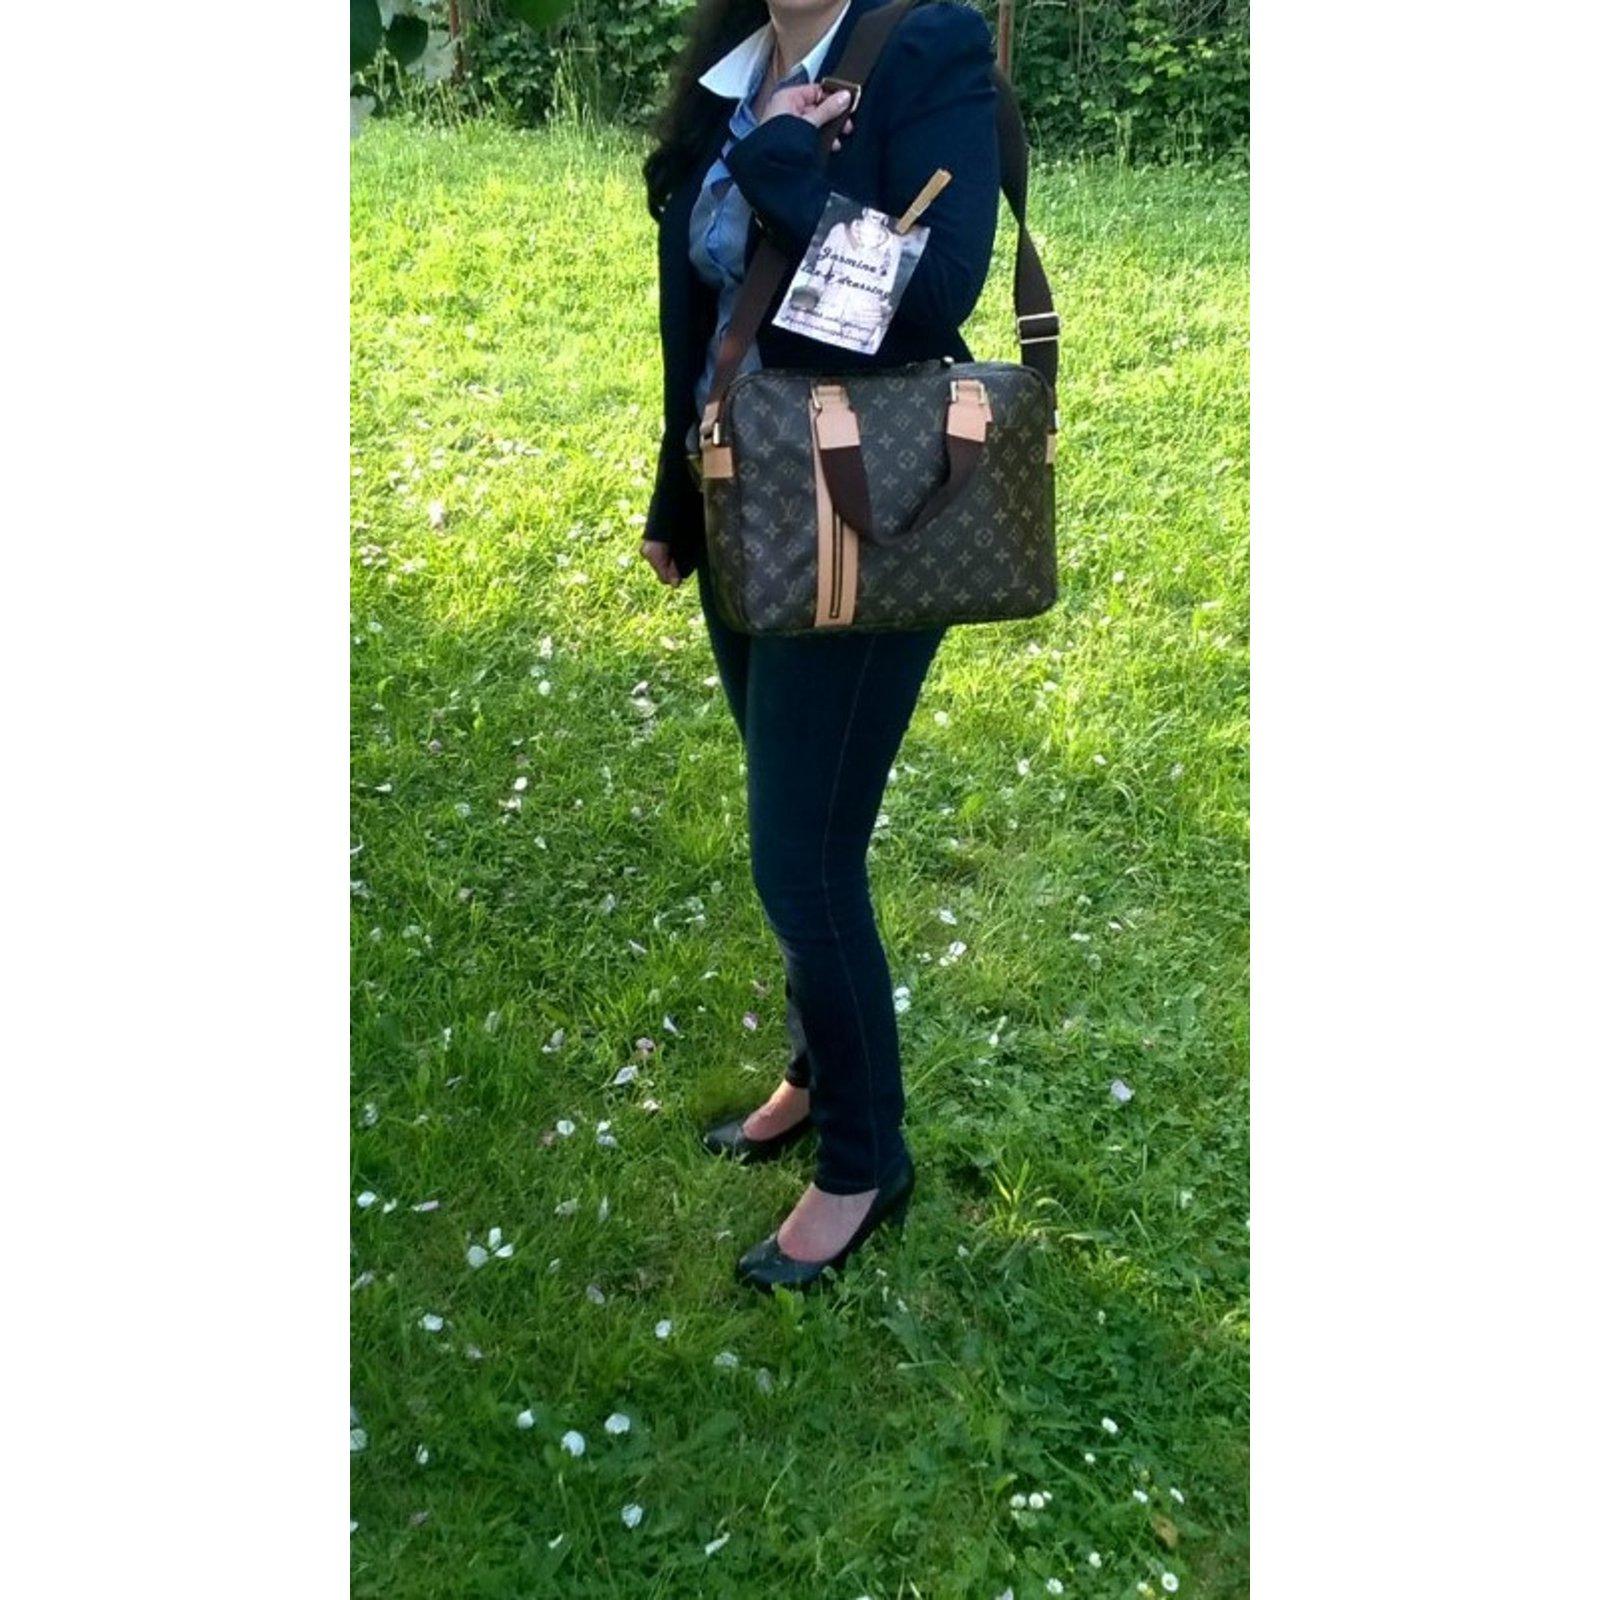 Sacs à main Louis Vuitton Sac, porte document, cartable, sac de voyage,  laptop case Cuir Marron ref.93461 - Joli Closet bd2c09d356d